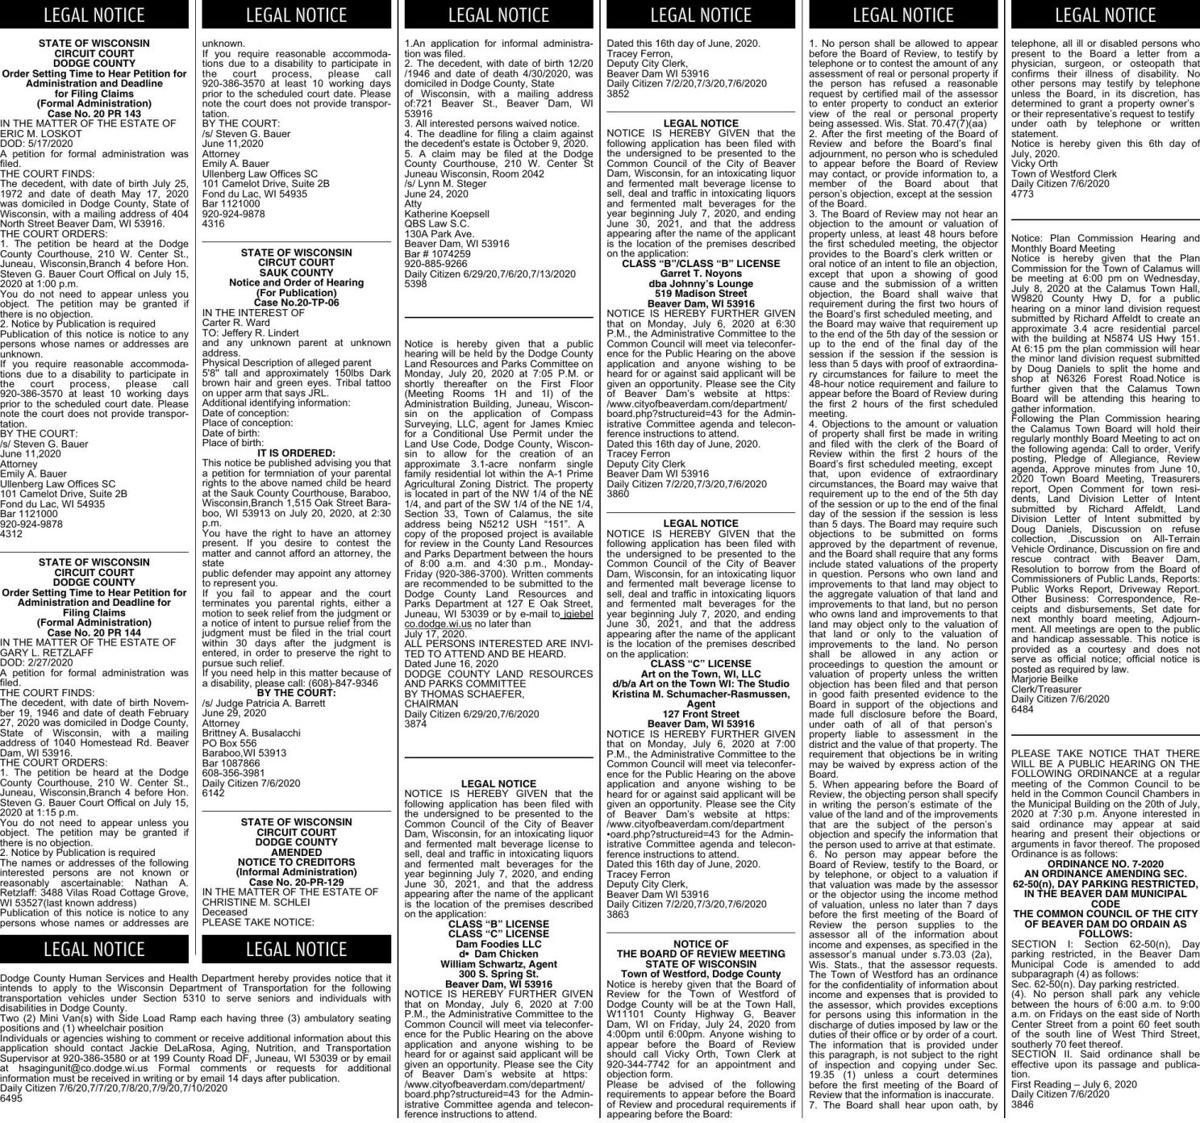 6515-101.pdf